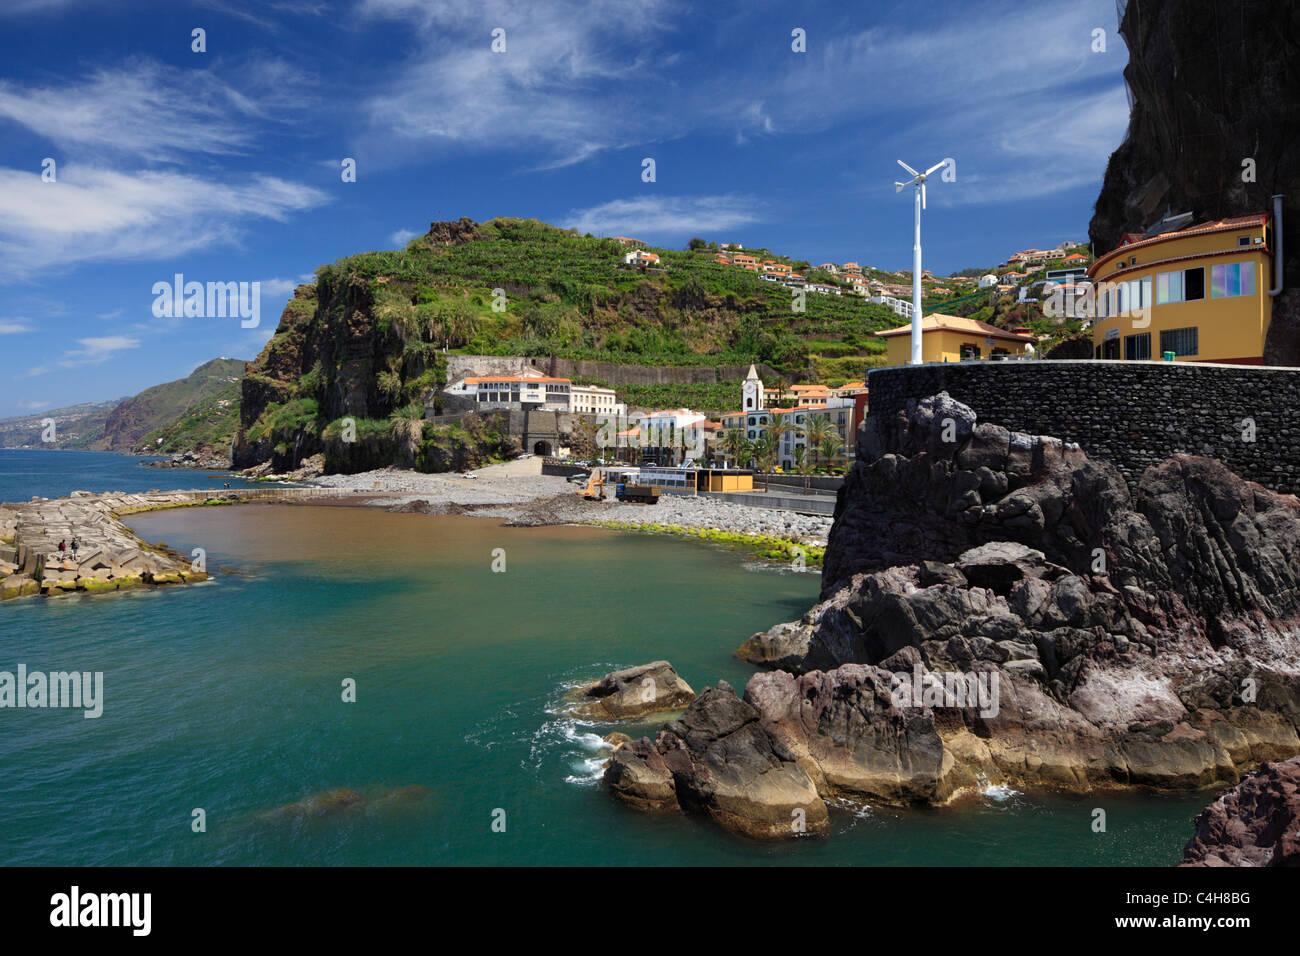 Ponta do Sol, Madeira. - Stock Image